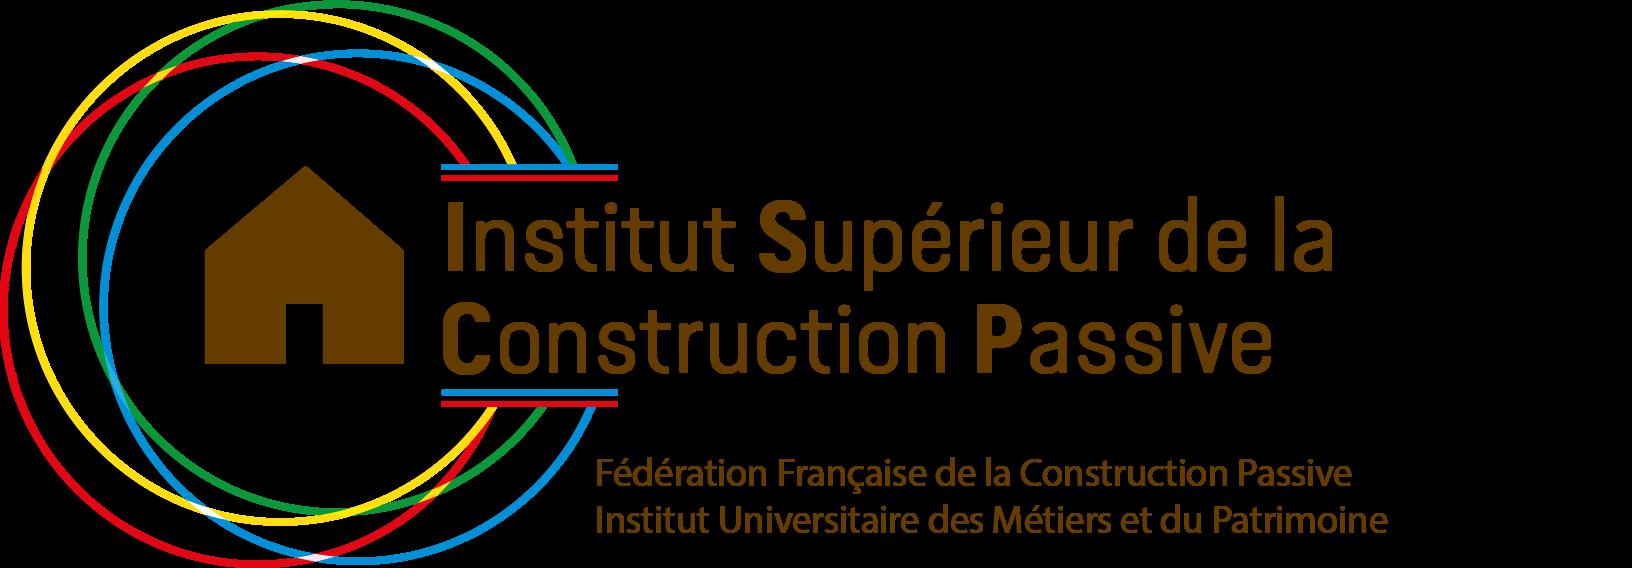 Institut Supérieur de la Construction Passive